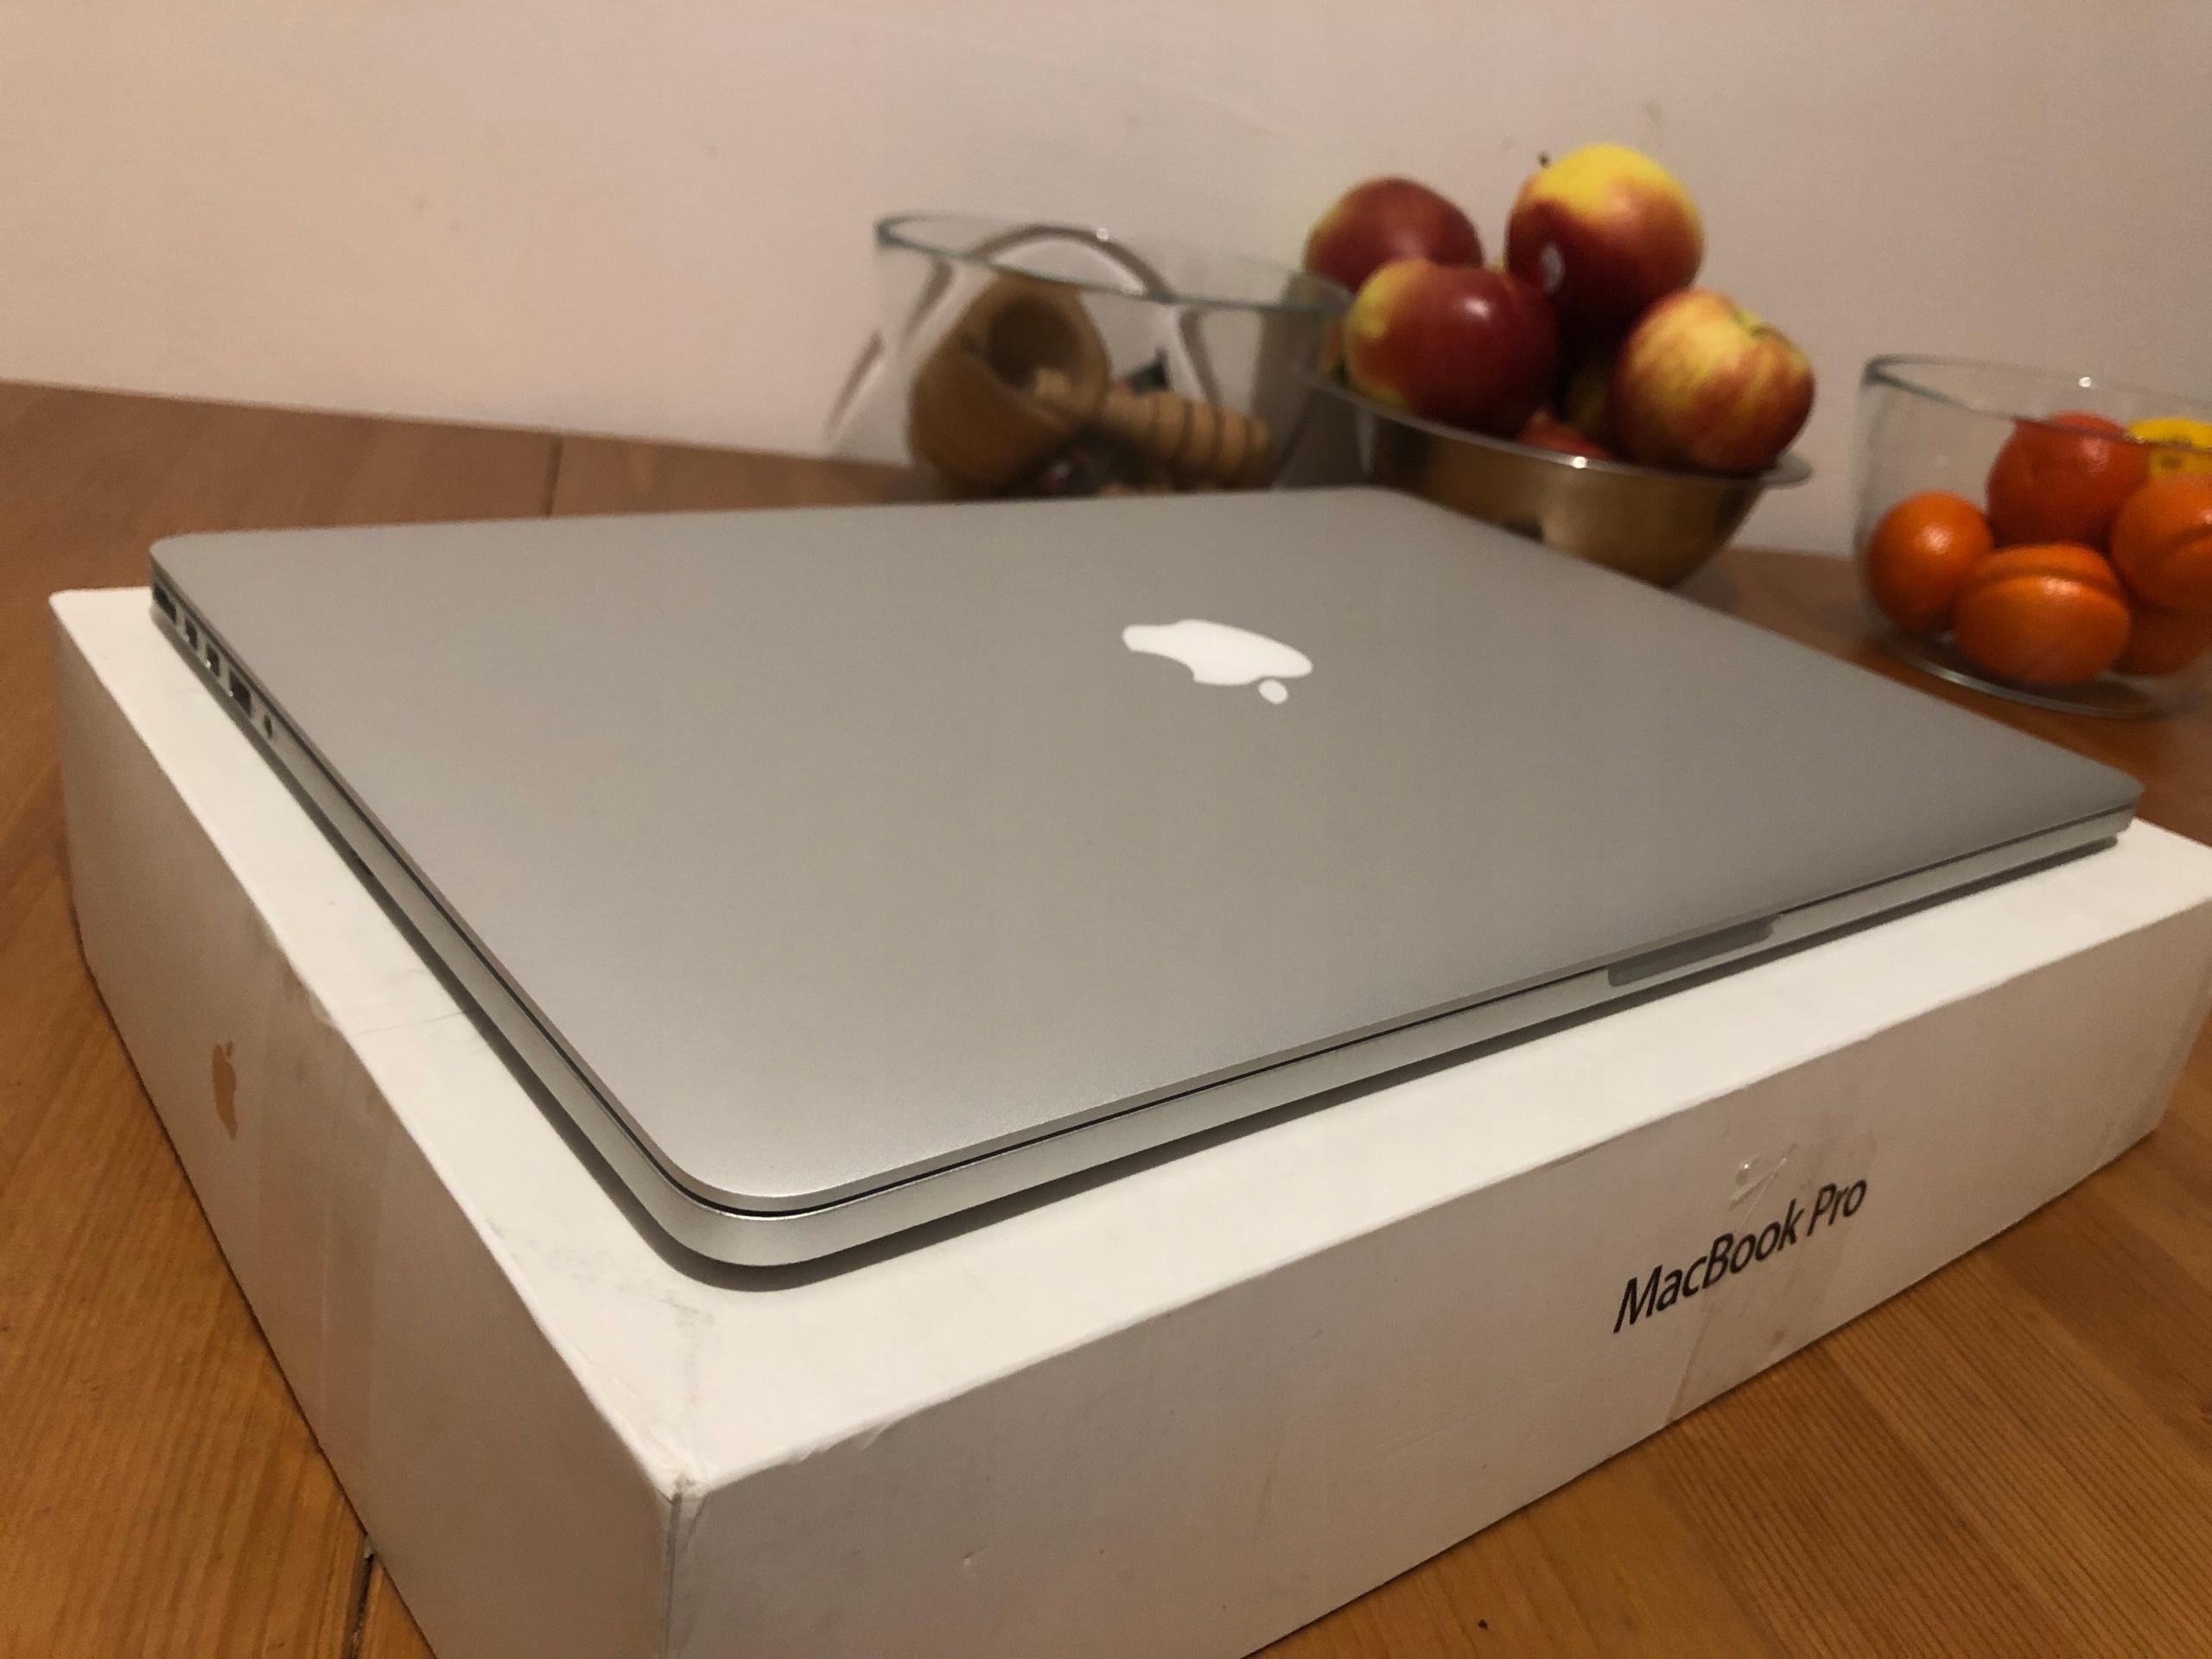 Macbook Pro Retina 15 i7 4x2,5G 16GB 512SSD Gwara